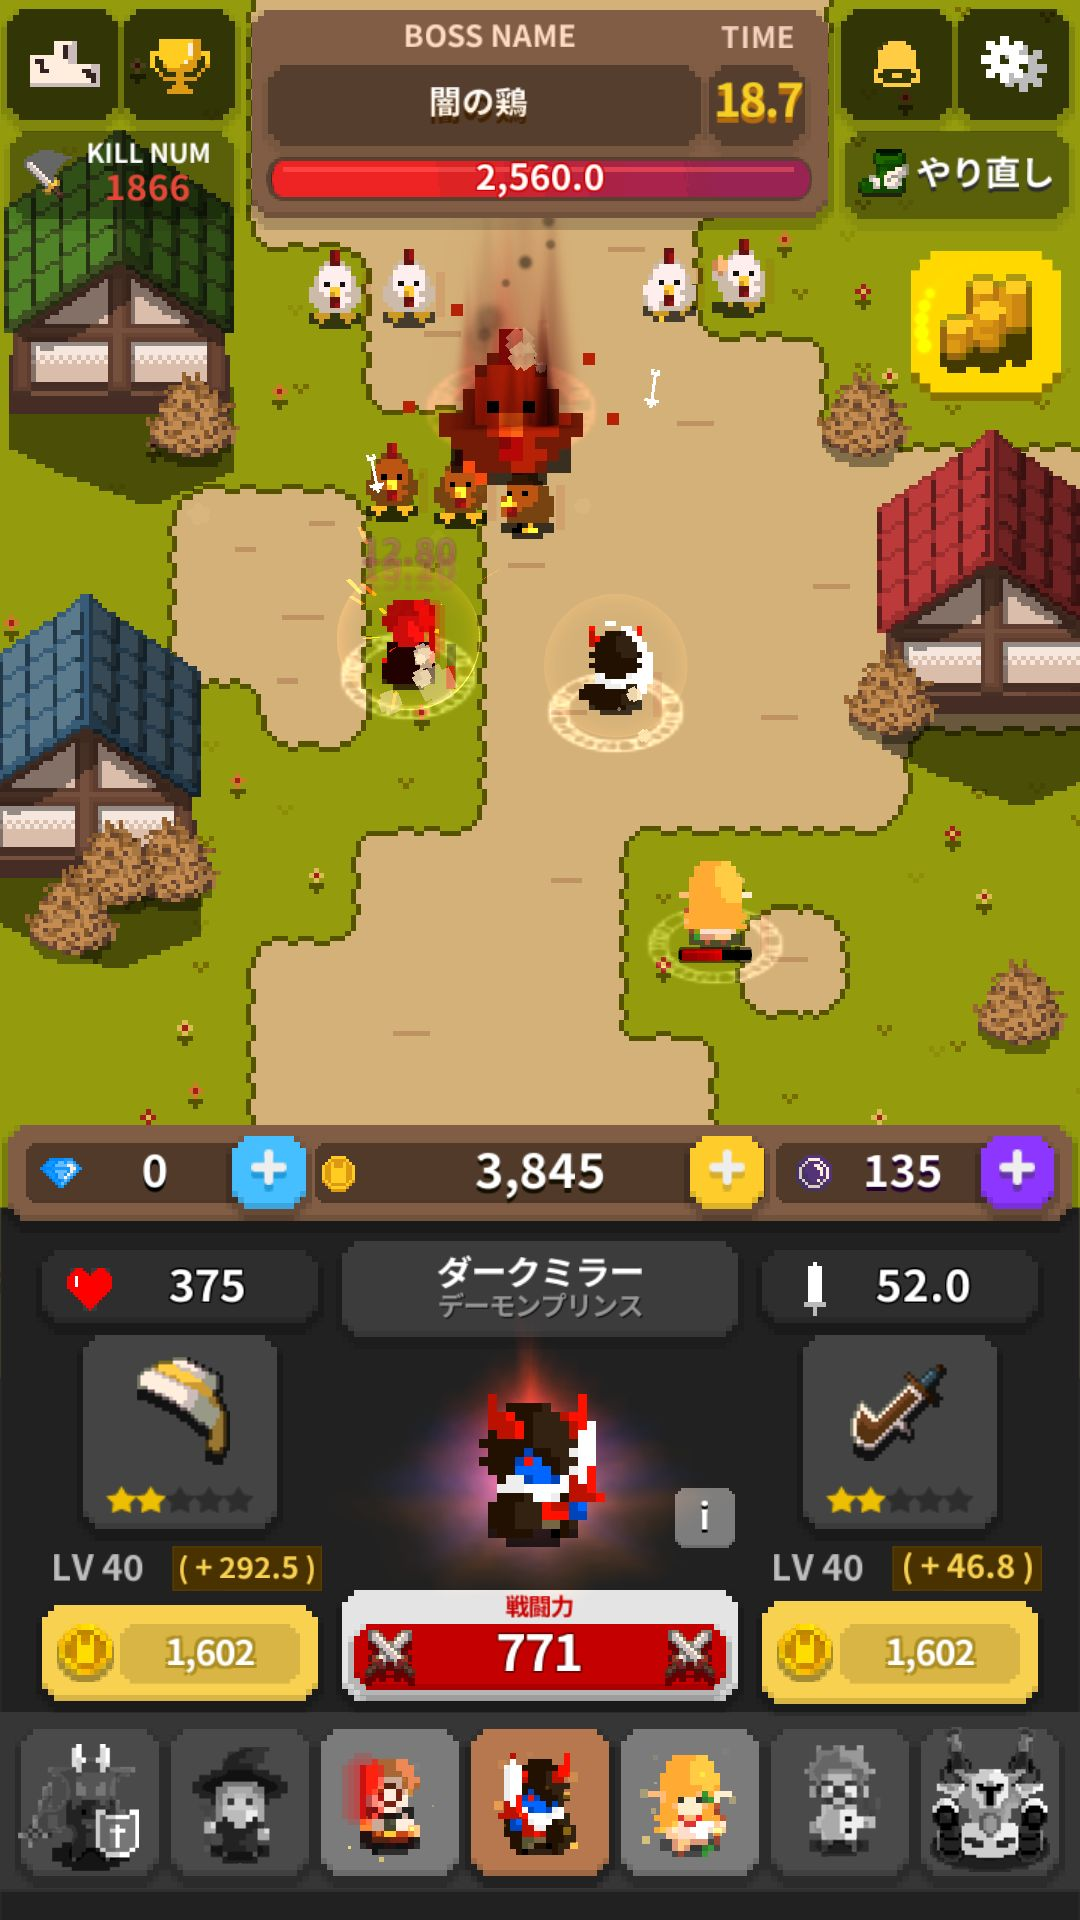 レトロ戦隊 ドットレンジャー androidアプリスクリーンショット2